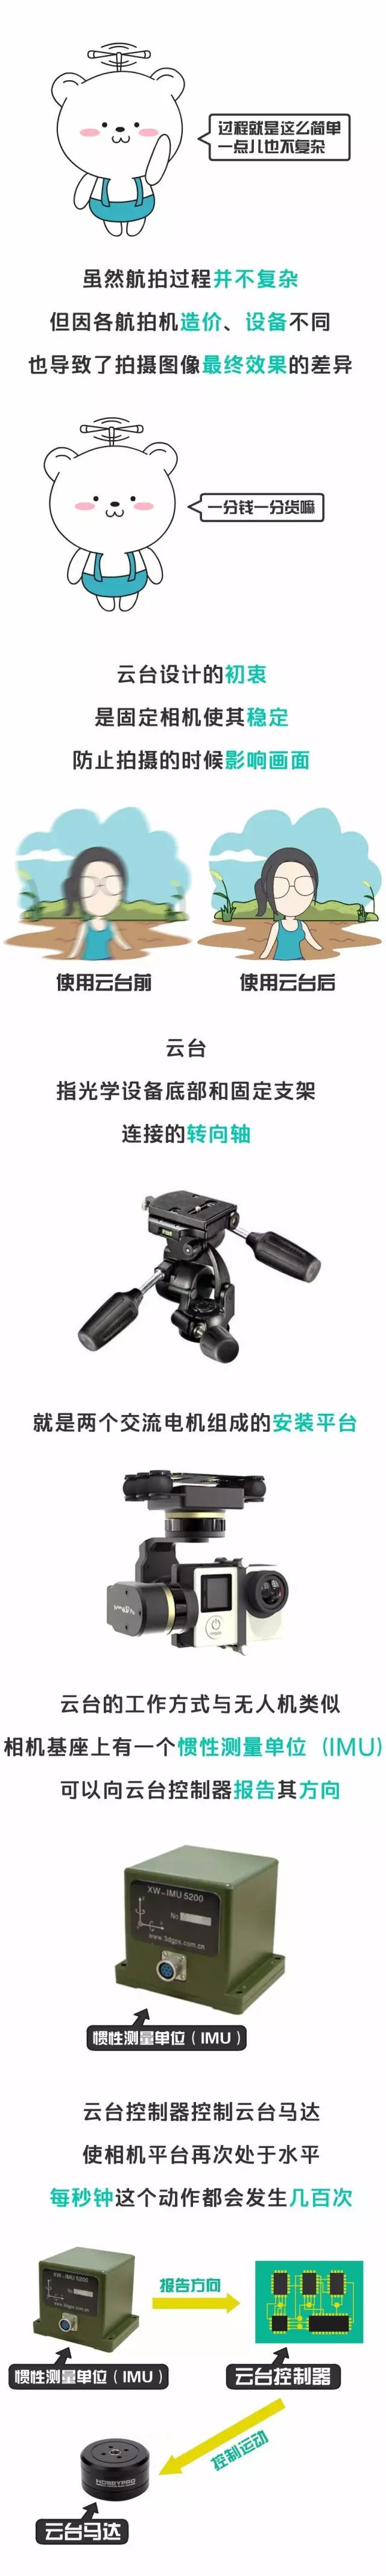 云台的工作方式与无人机类似,相机机座上有一个惯性测量单位,可以向云台控制器报告其方向。云台控制器控制其马达,使相机平台再次处于水平,每秒钟这个动作都会发生几百次。